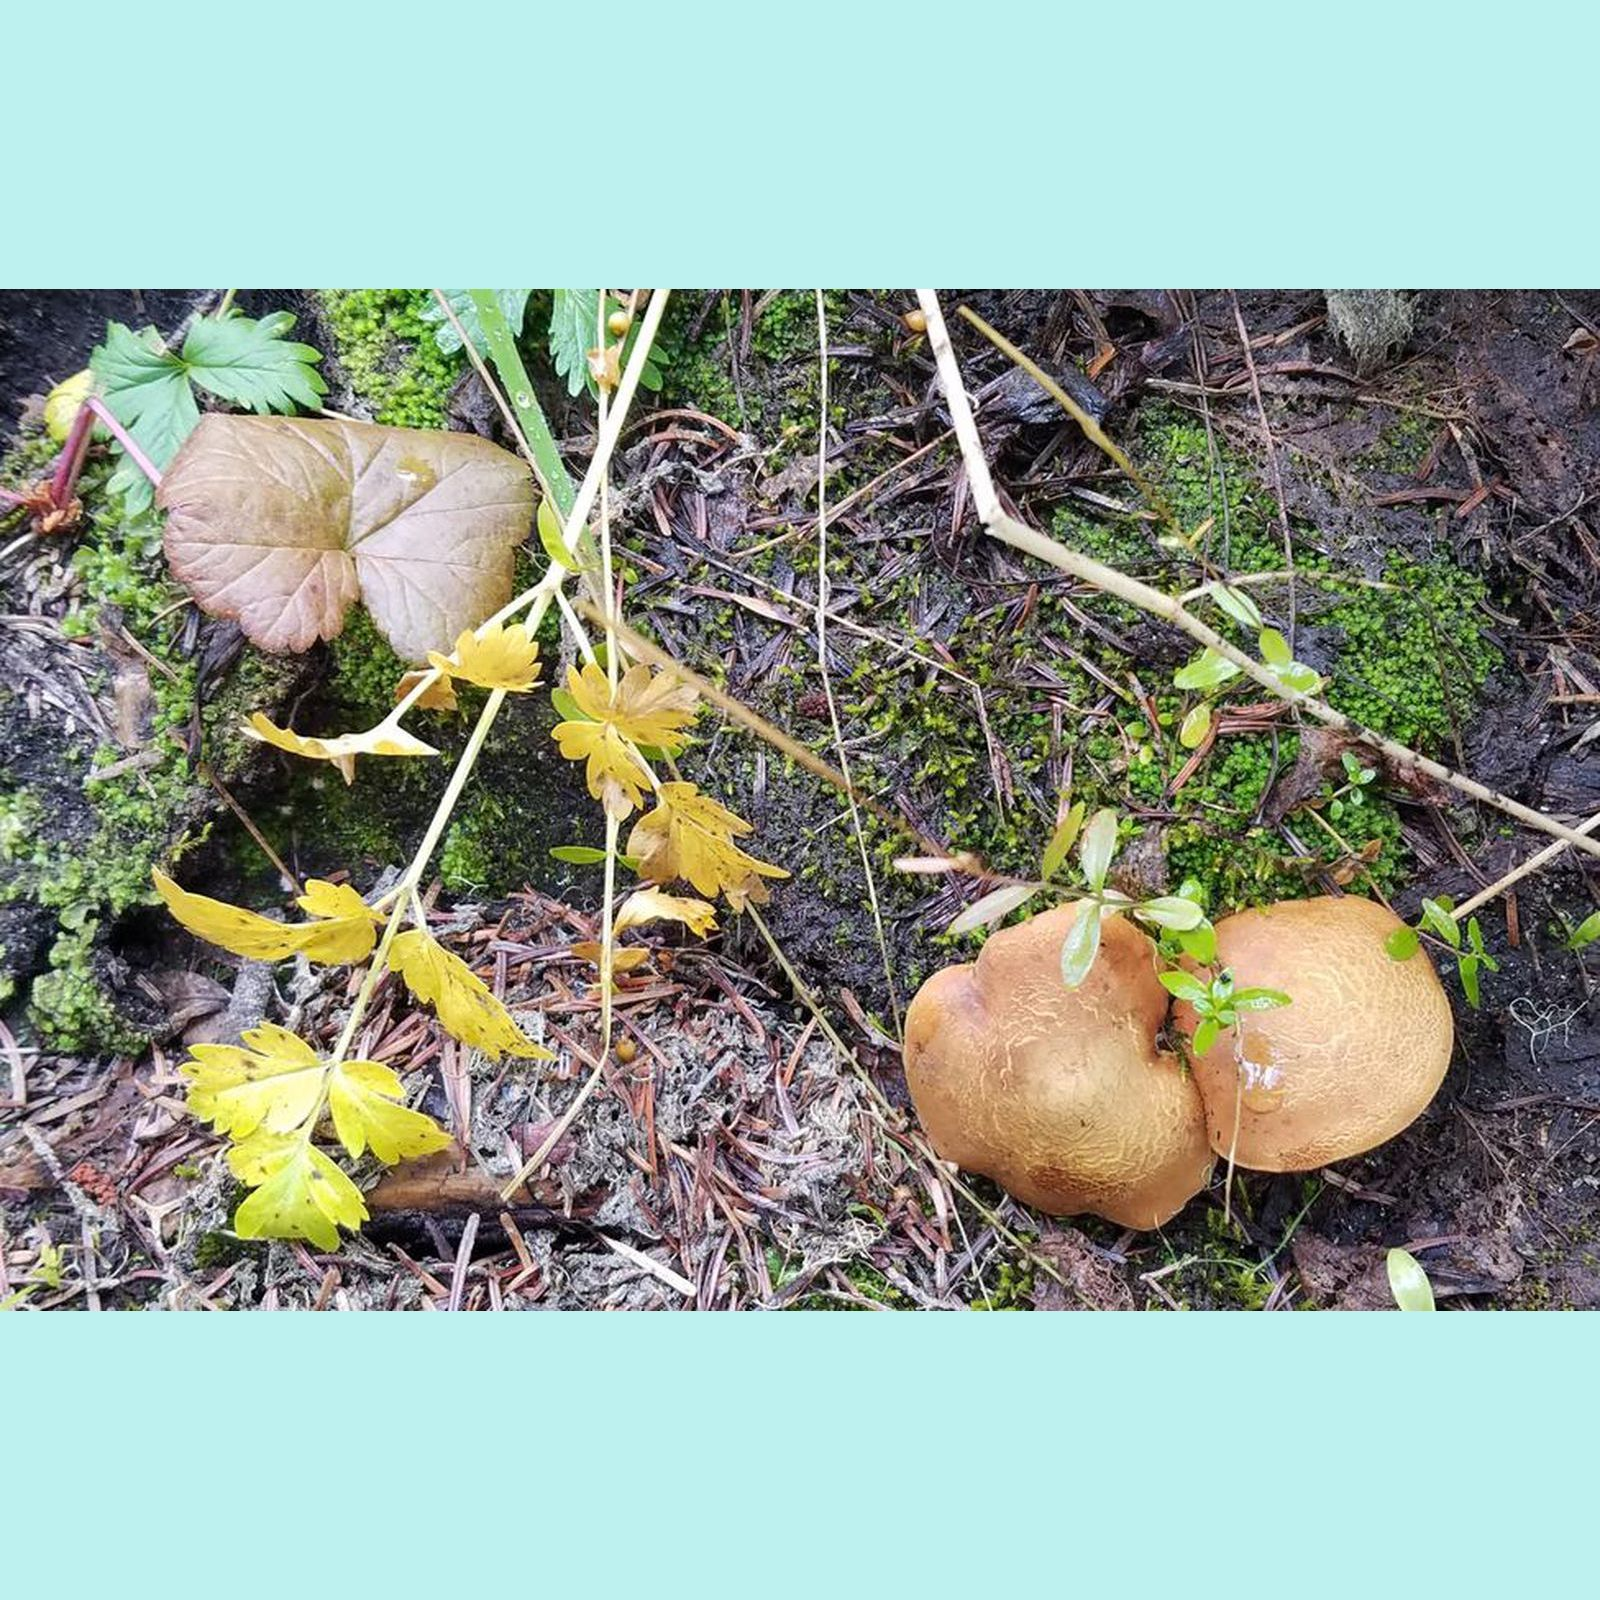 Mushroom disguised as a leaf?